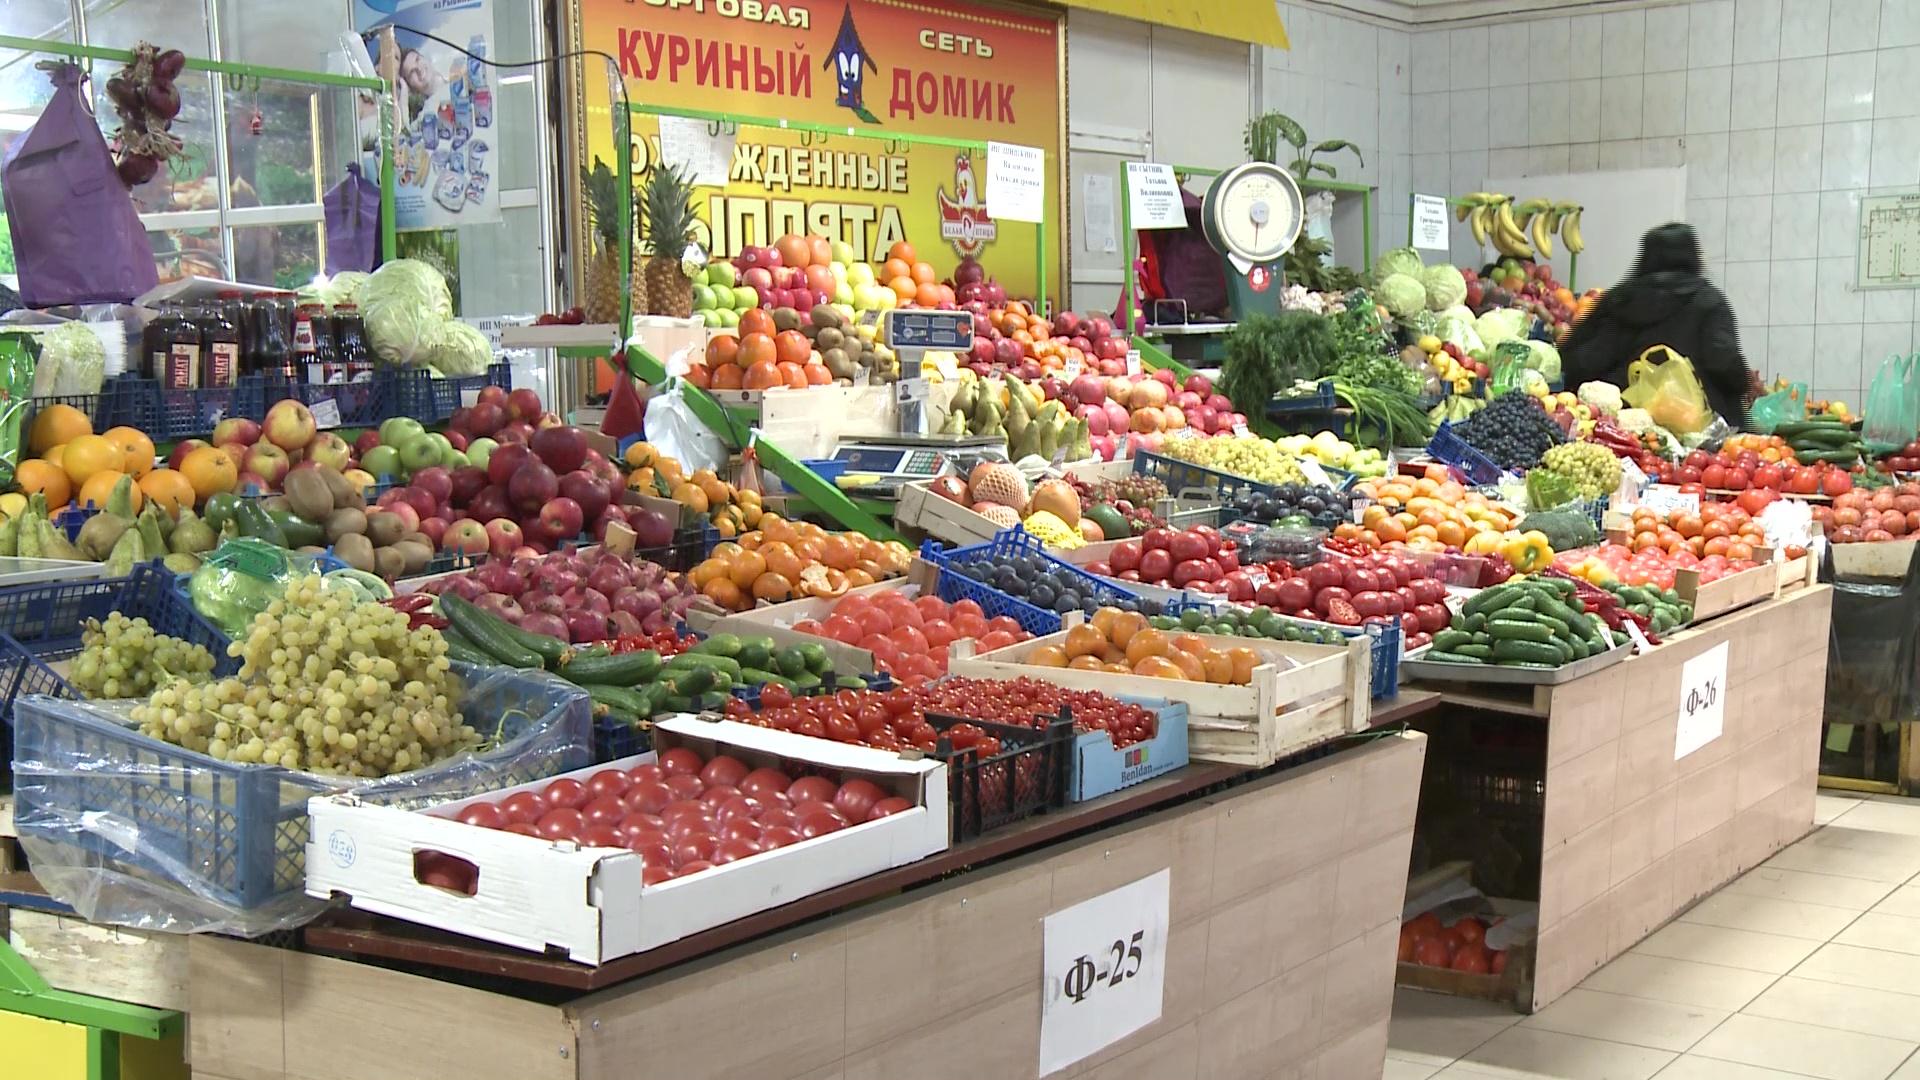 Специалисты рассказали, как коронавирус повлиял на инфляцию в Ярославской области